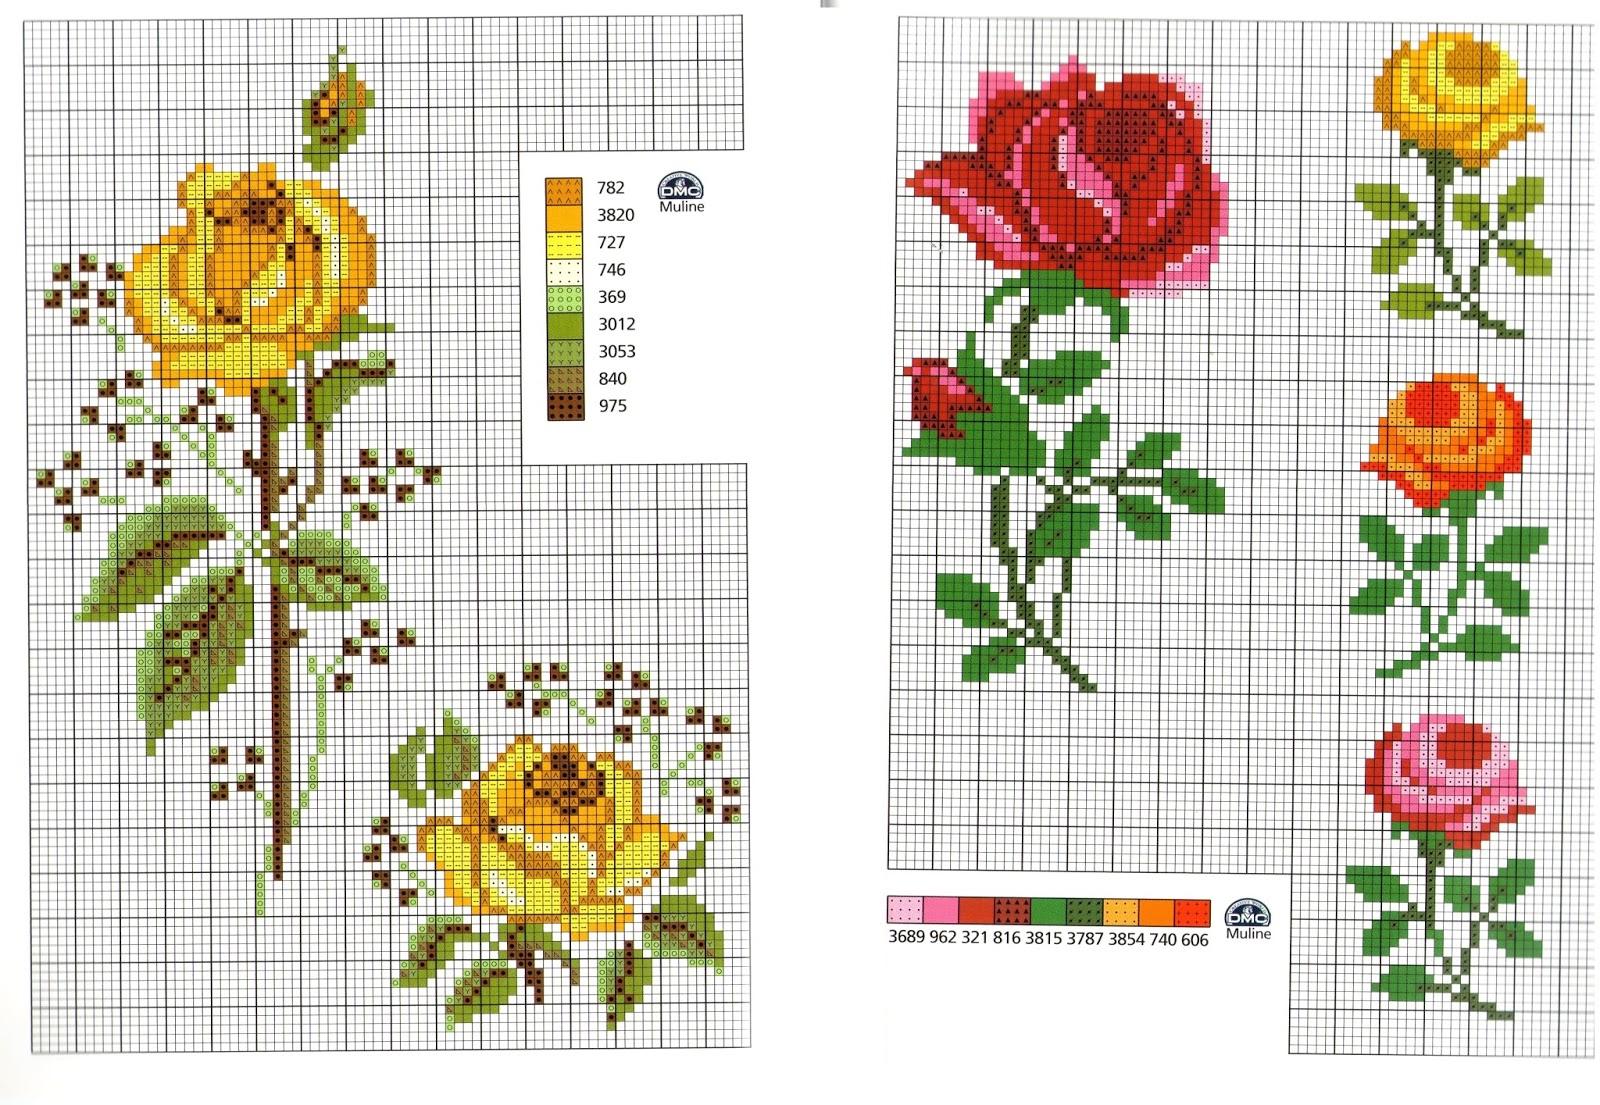 Grande raccolta di schemi e grafici per punto croce free fiori fiori da ricamare a puntocroce - Disegni punto croce per tovaglie da tavola ...